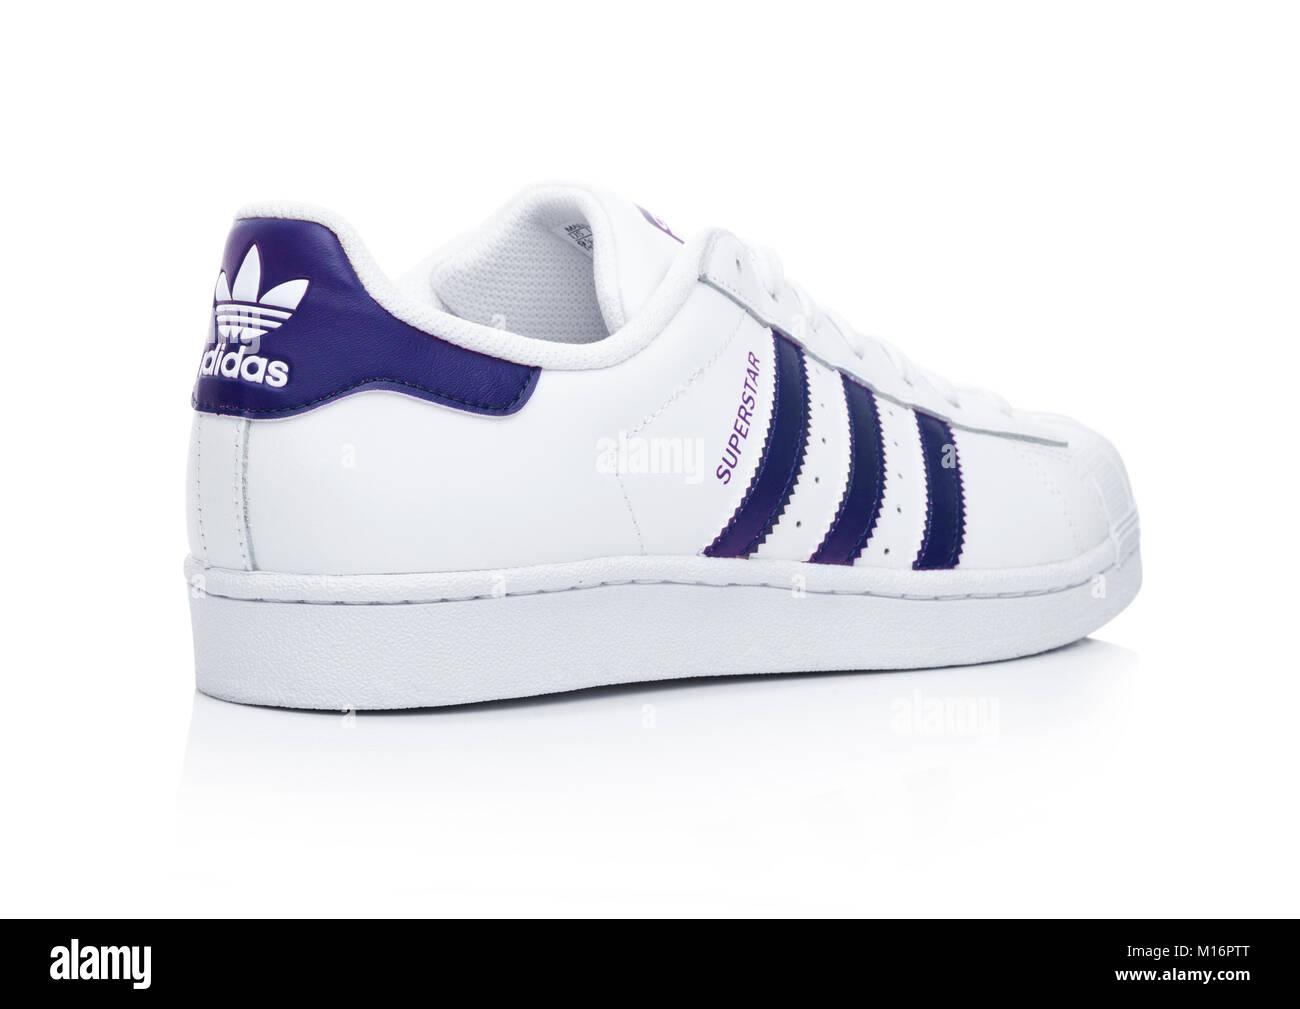 new arrival bf8d8 697db LONDON, Regno Unito - 24 gennaio 2018  Adidas Originals Superstar scarpe blu  su sfondo bianco.tedesco società multinazionale che progetta e fabbricazione